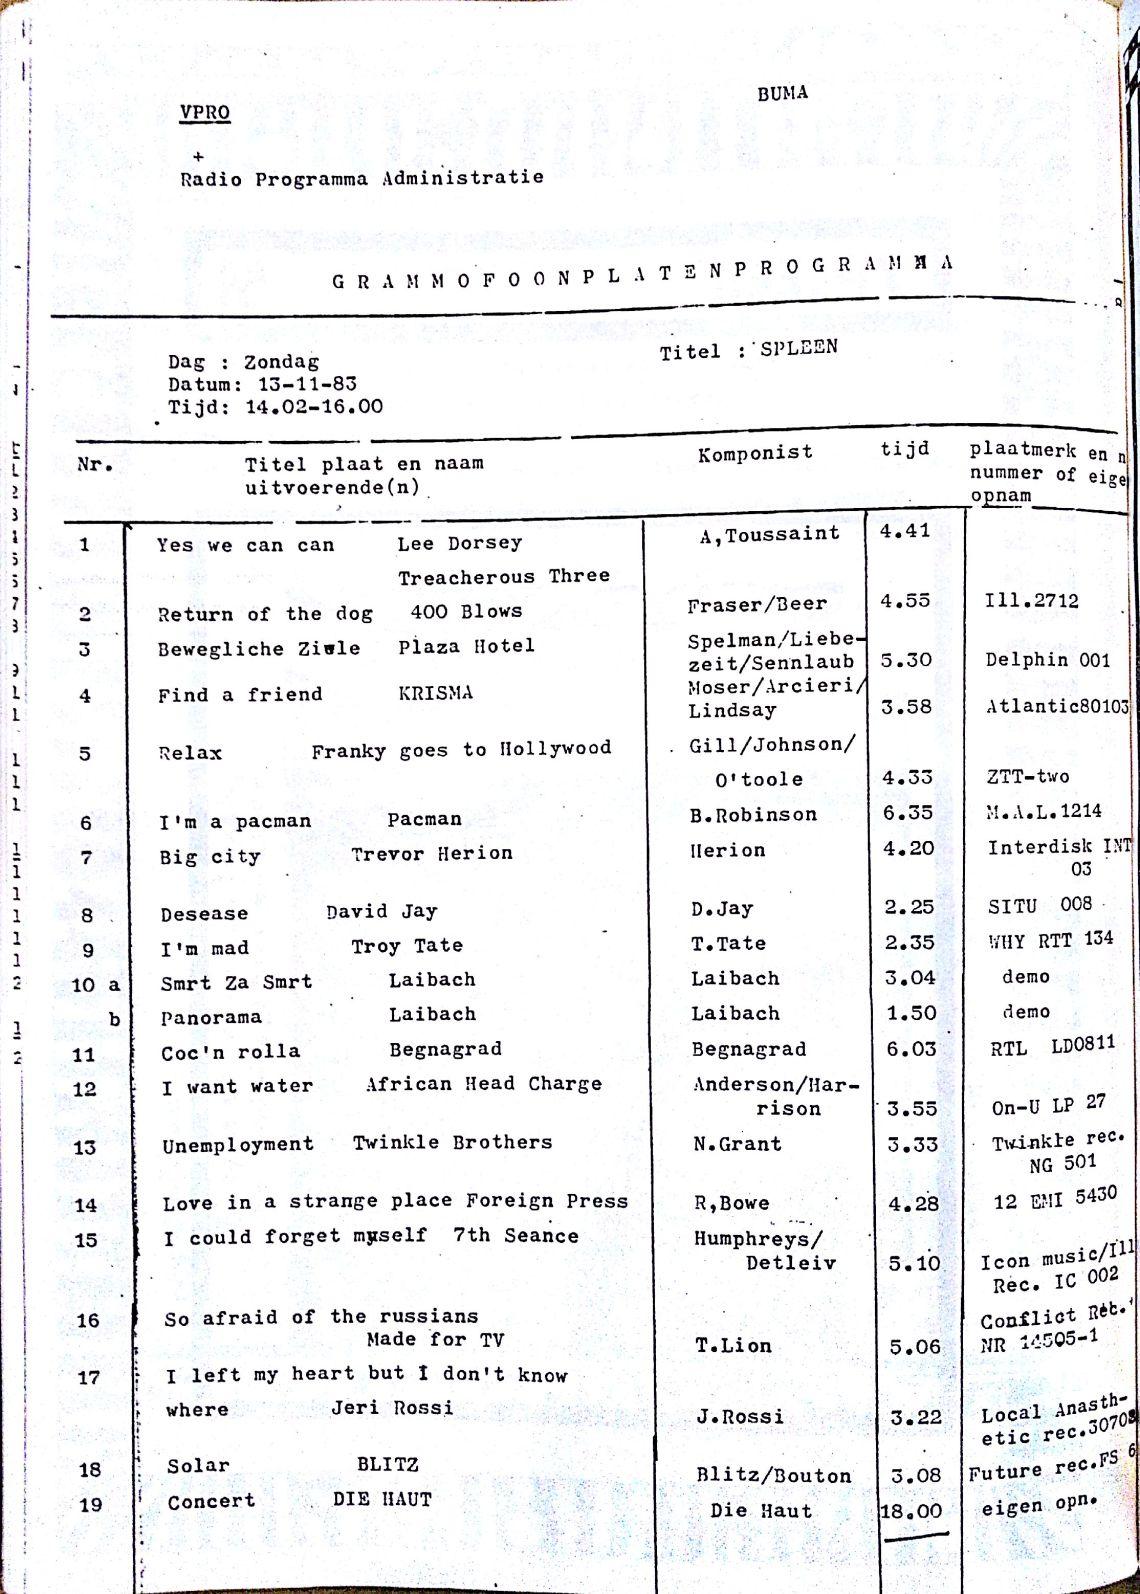 SPLEEN 13 nOVEMBER 1983